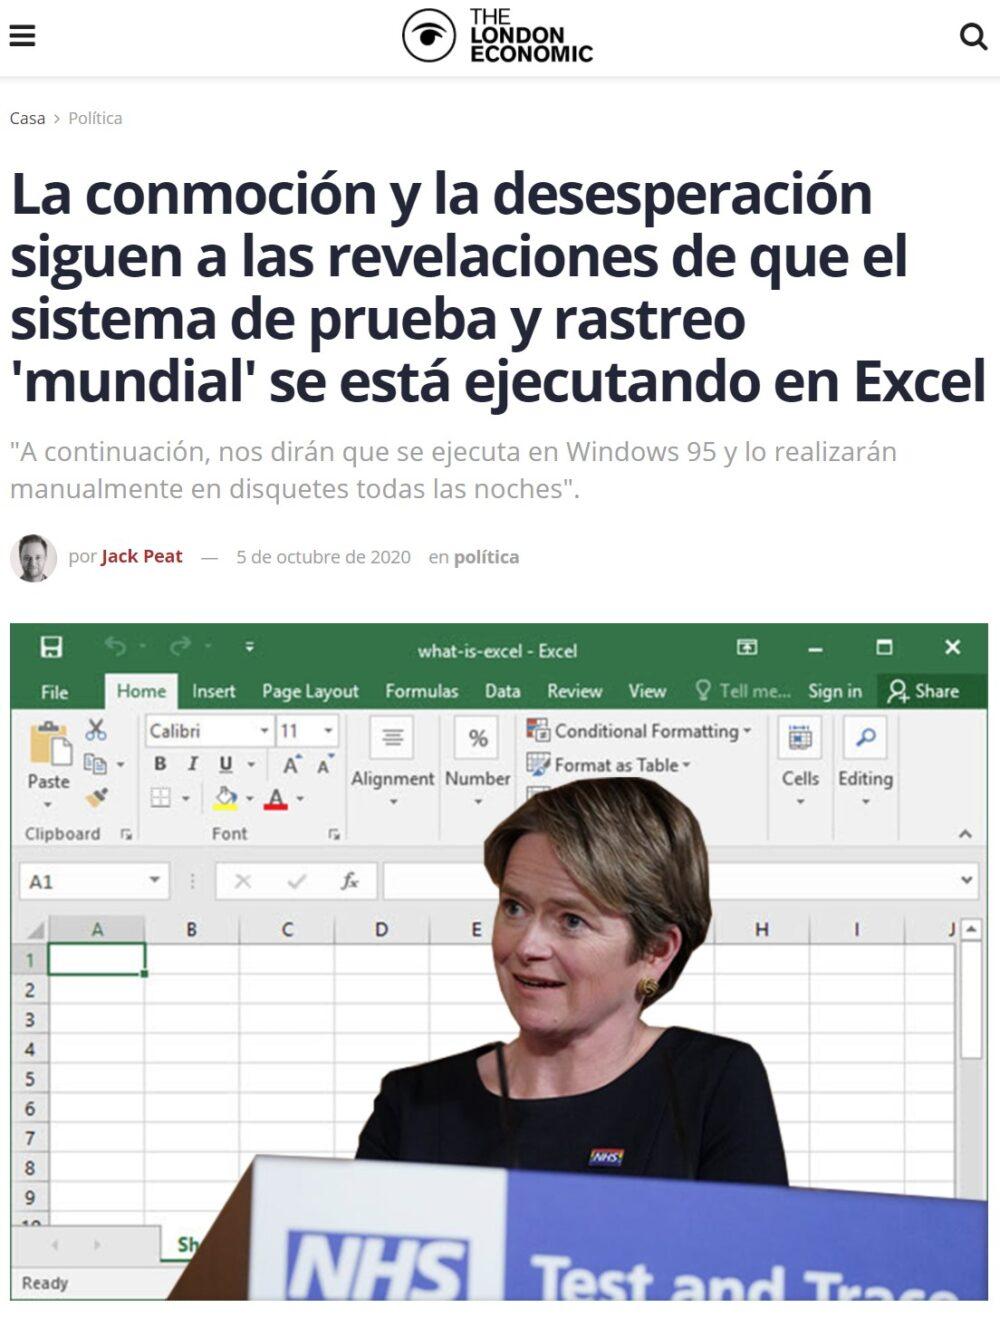 Alarma en el Reino Unido por un fallo técnico en el recuento de contagios: Excel tiene un máximo de celdas que se ha visto superado por los casos, quedando fuera todos los demás